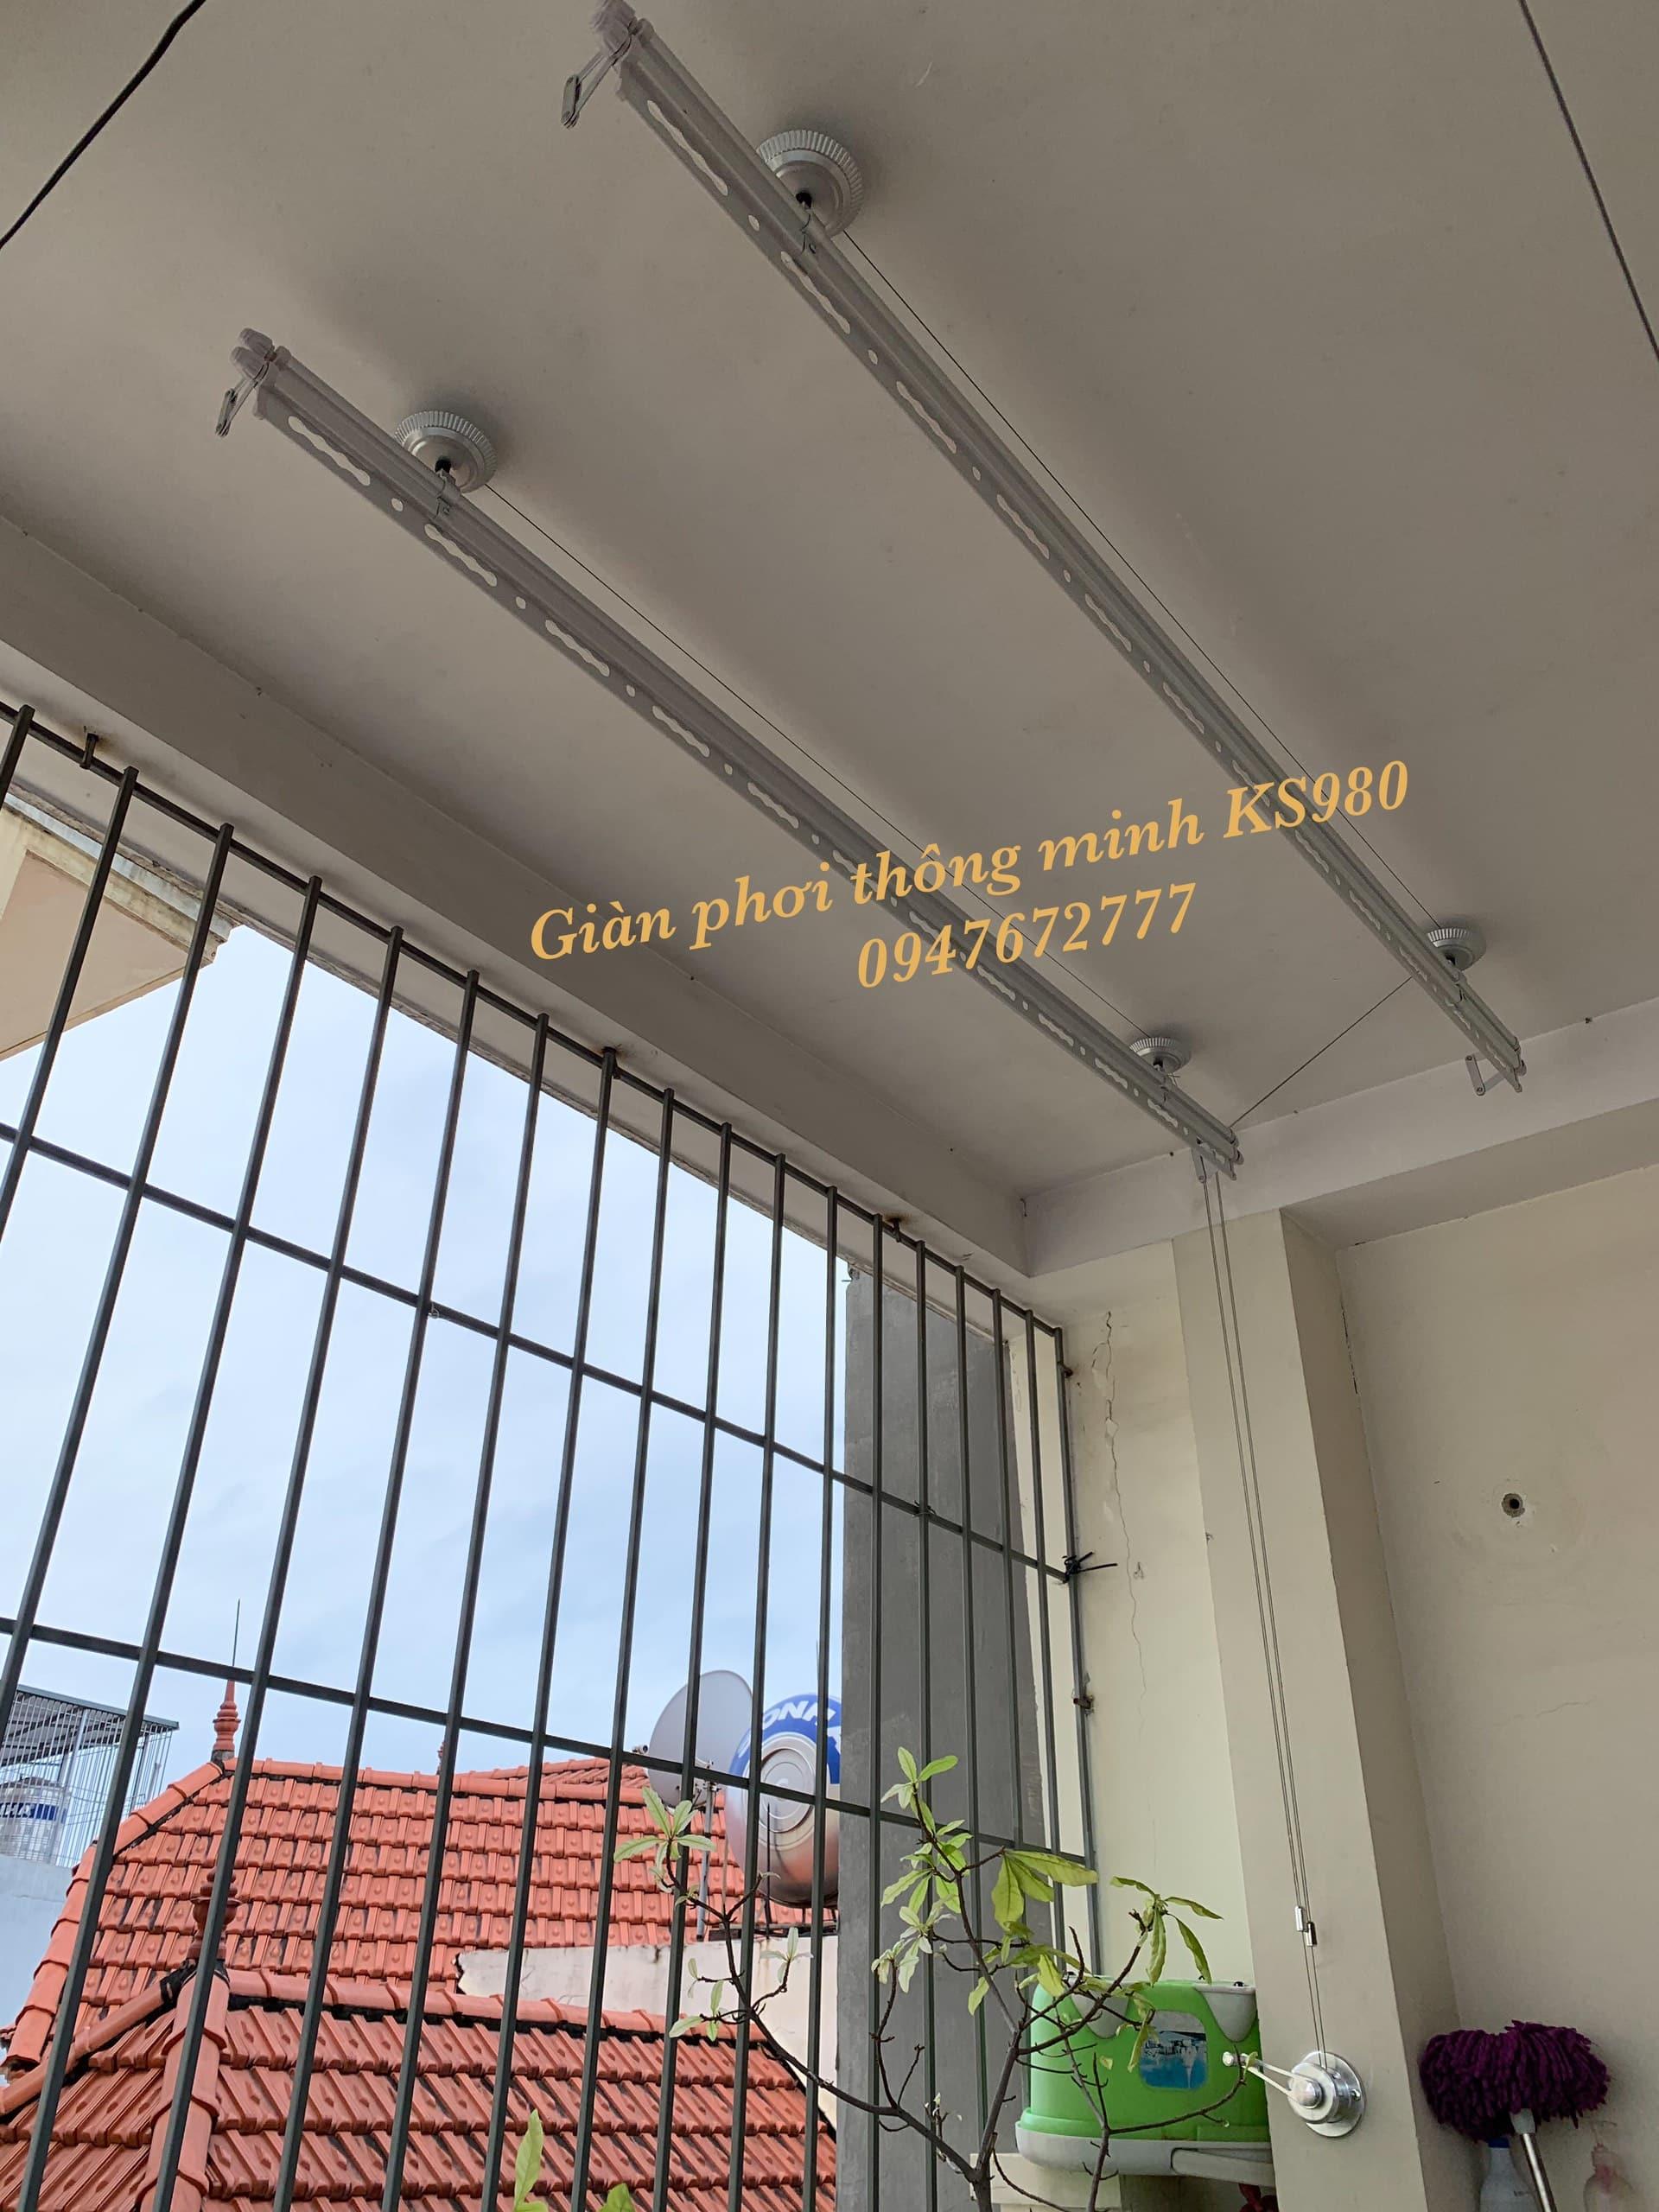 gin phoi thong minh hoa phat star ks980 4